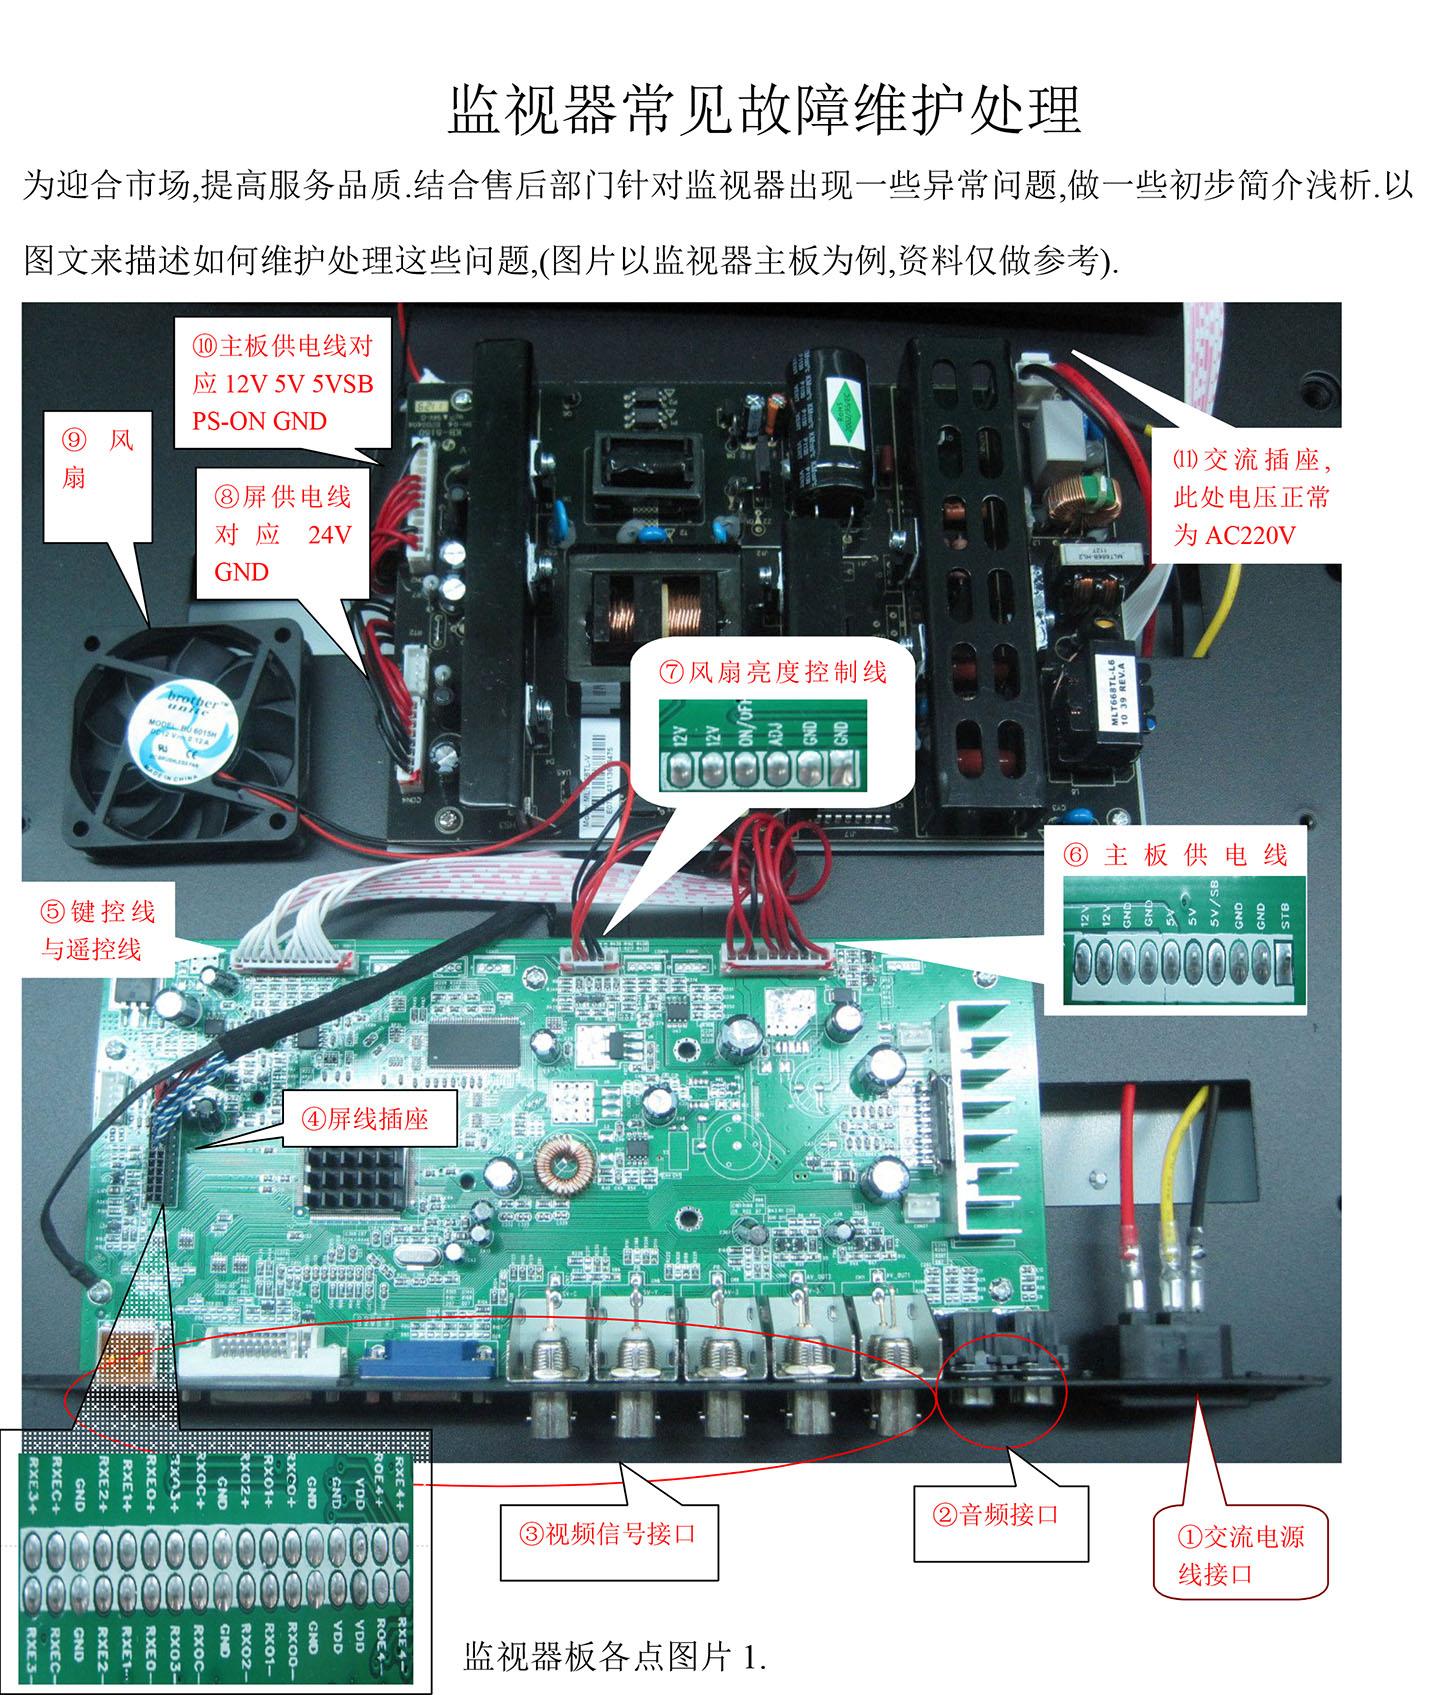 电源板的交流插座⑾处,此处插座,正常用万用表测量应有交流ac220v电压